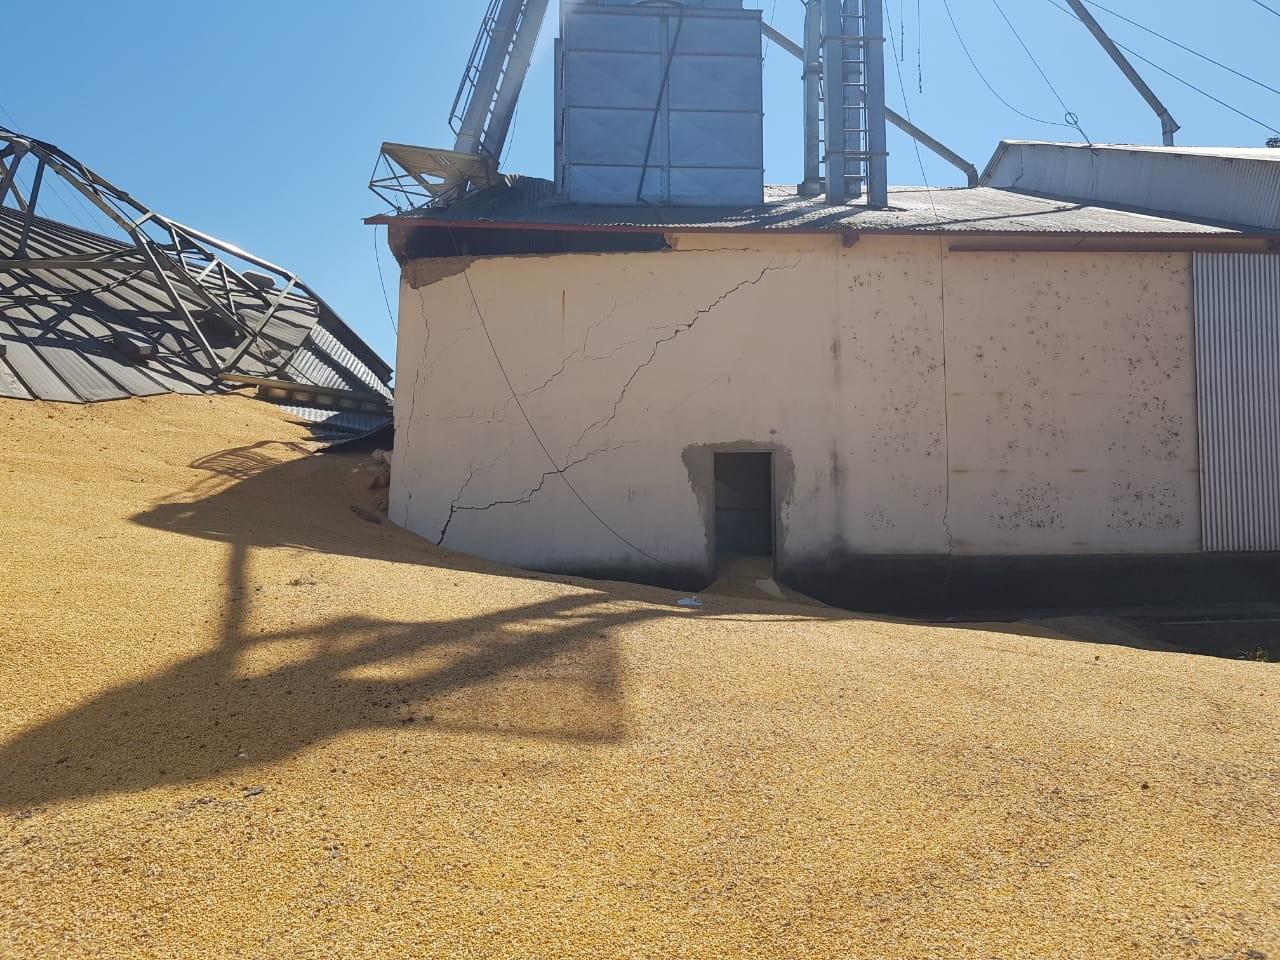 Silo que desabou no Acre com 18 mil sacas de milho continua com atividades suspensas